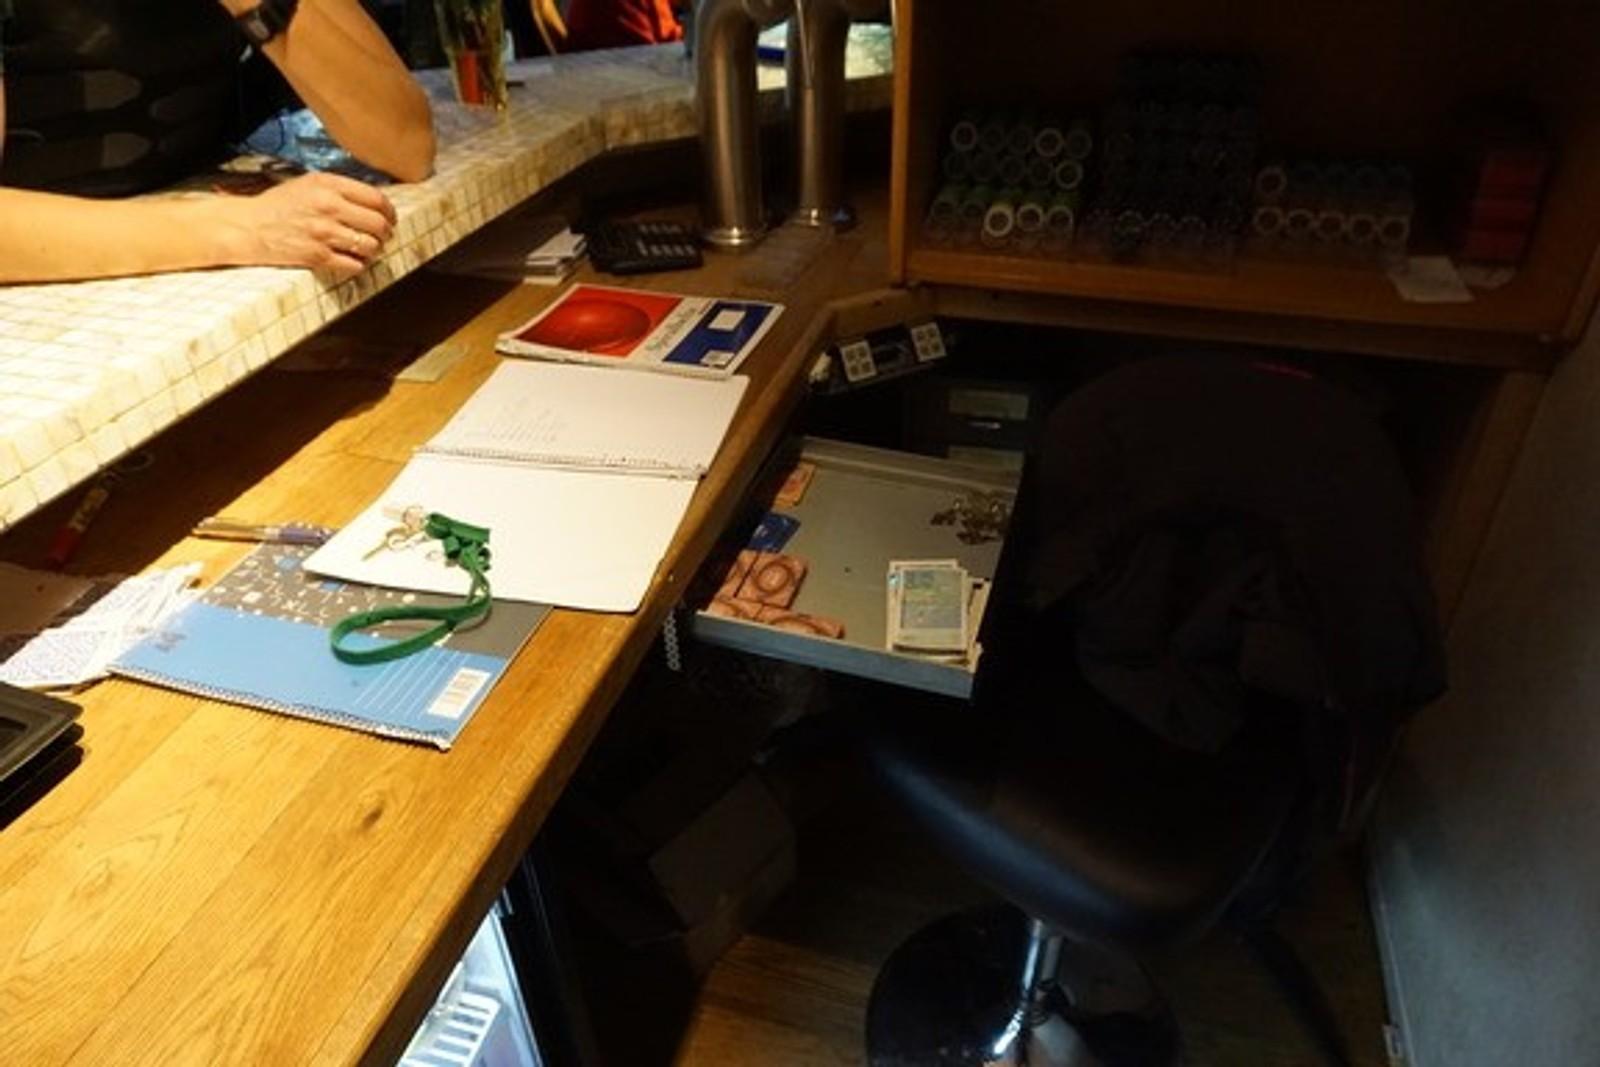 INNSATS: Politiet fant både penger, poker chips og monopolpenger i den ulovlige klubben.